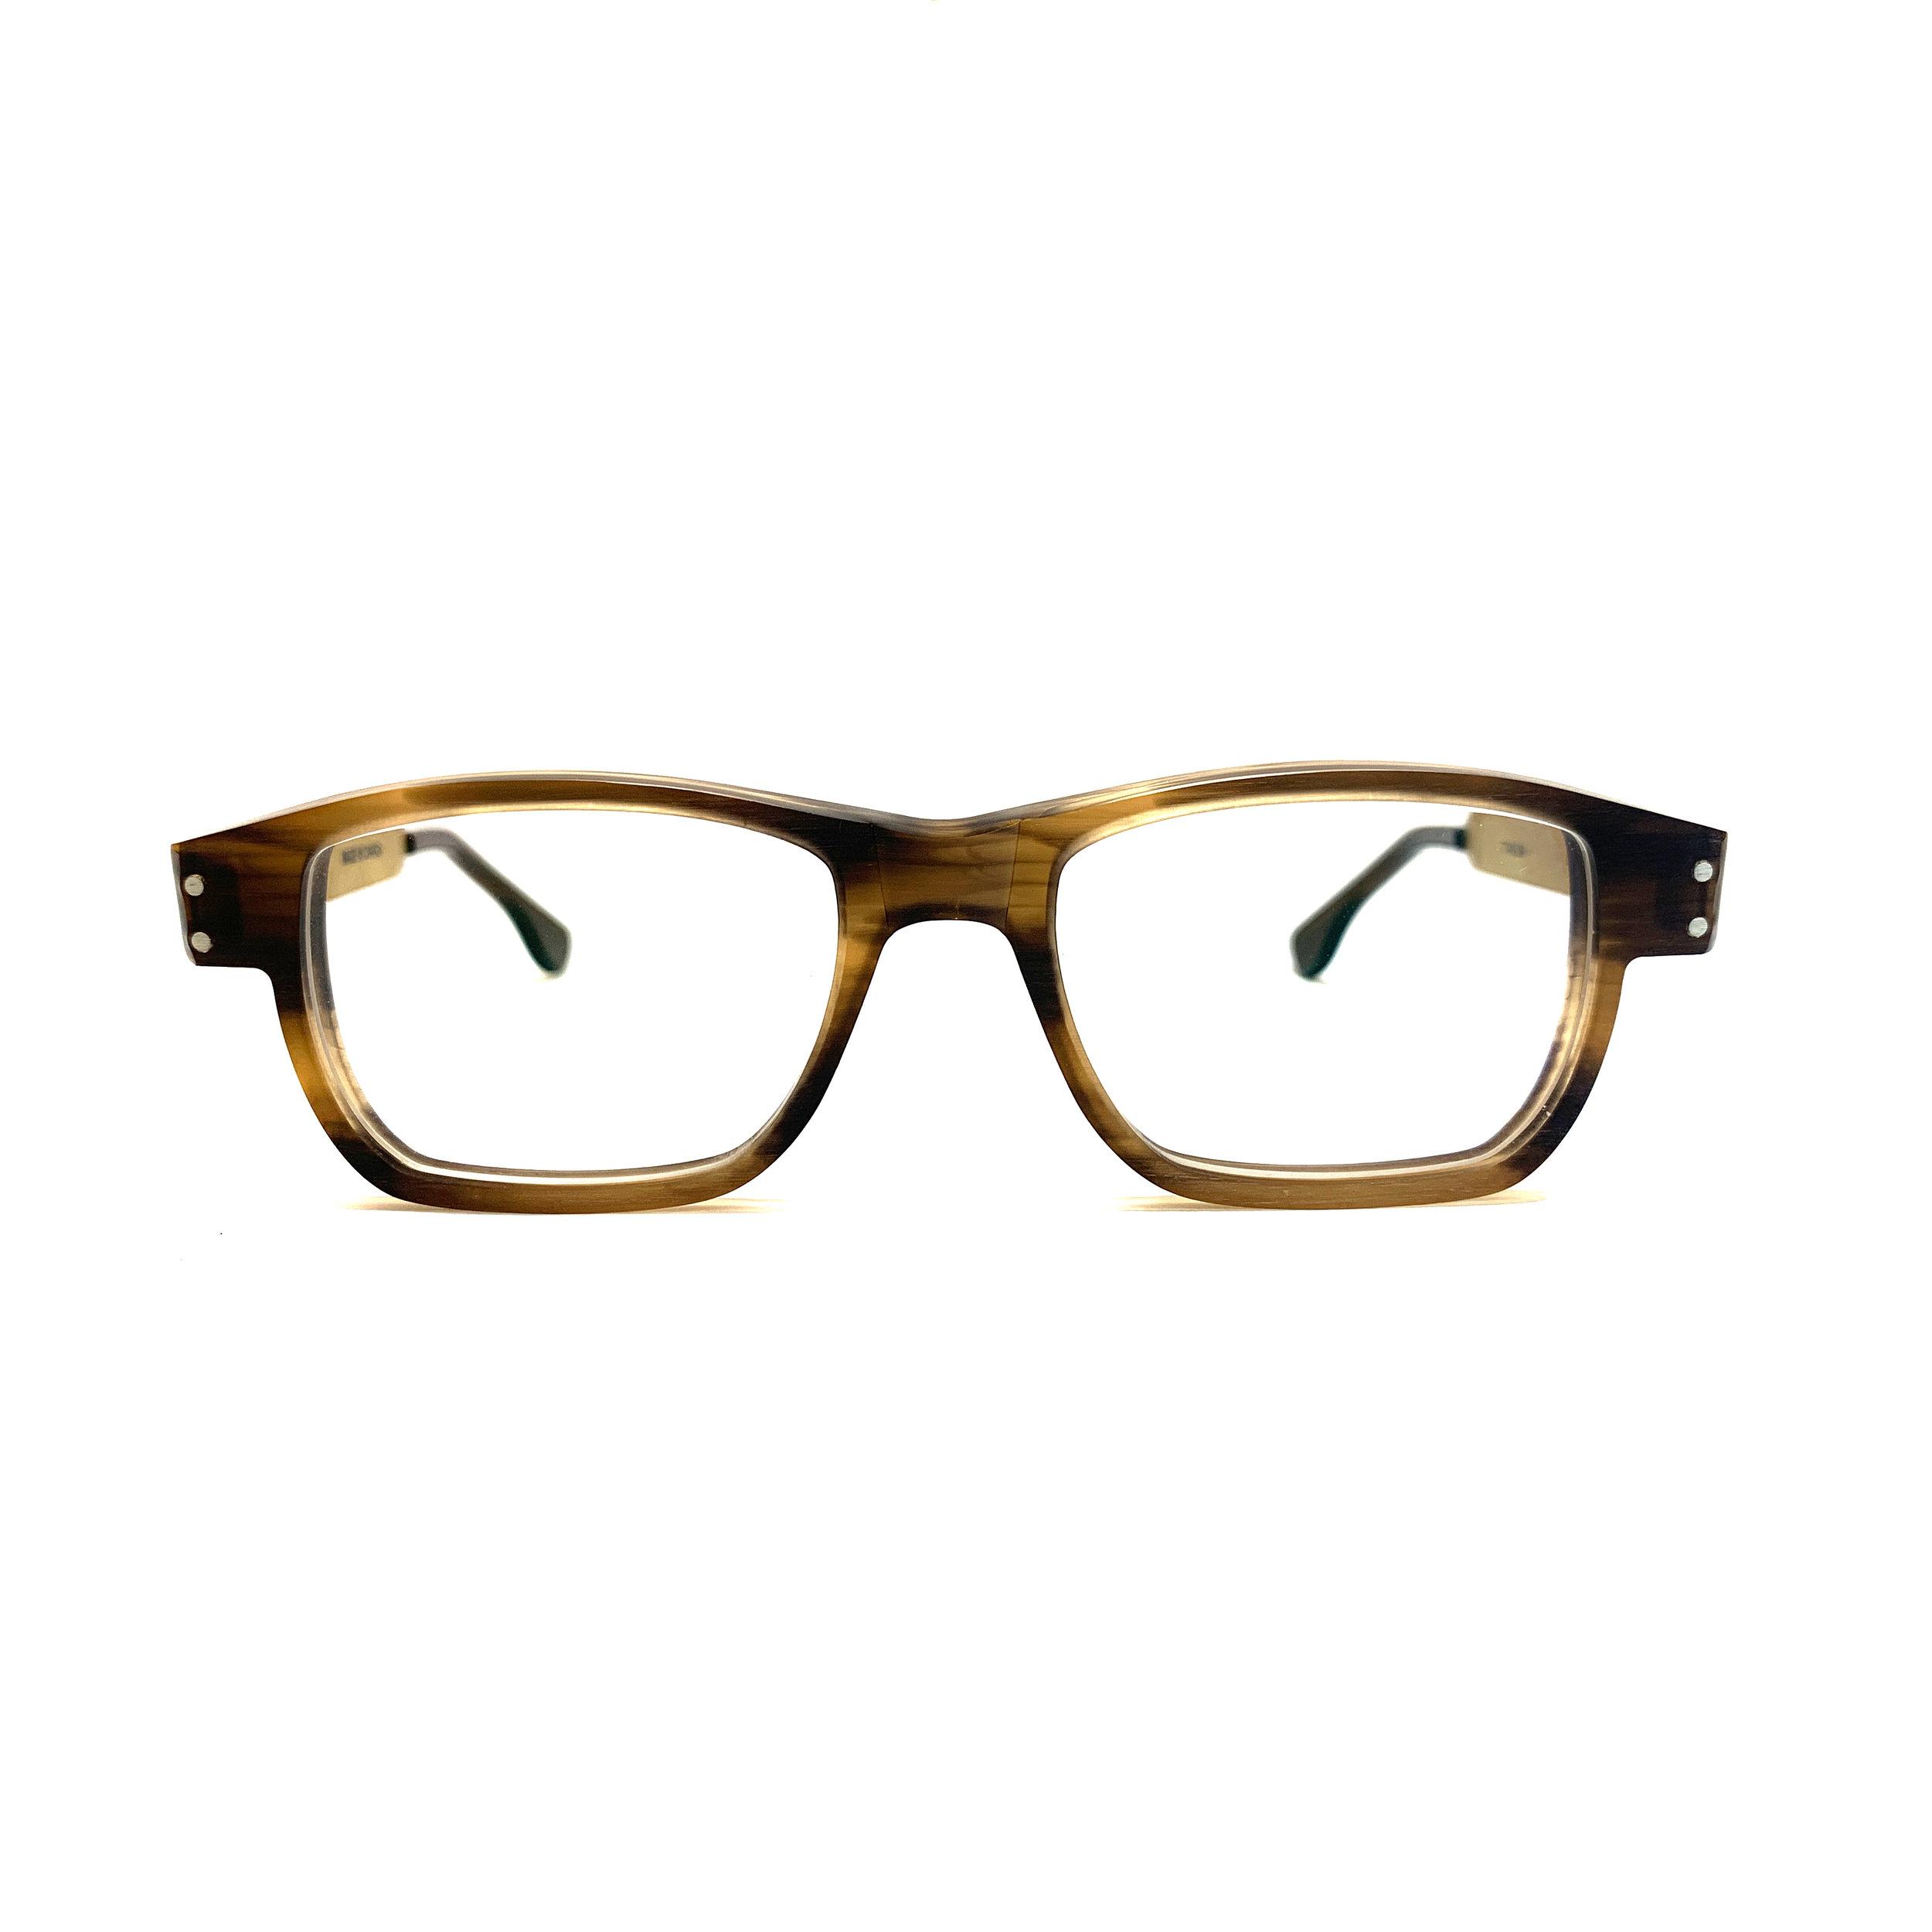 Rapp_Goldblum.jpg